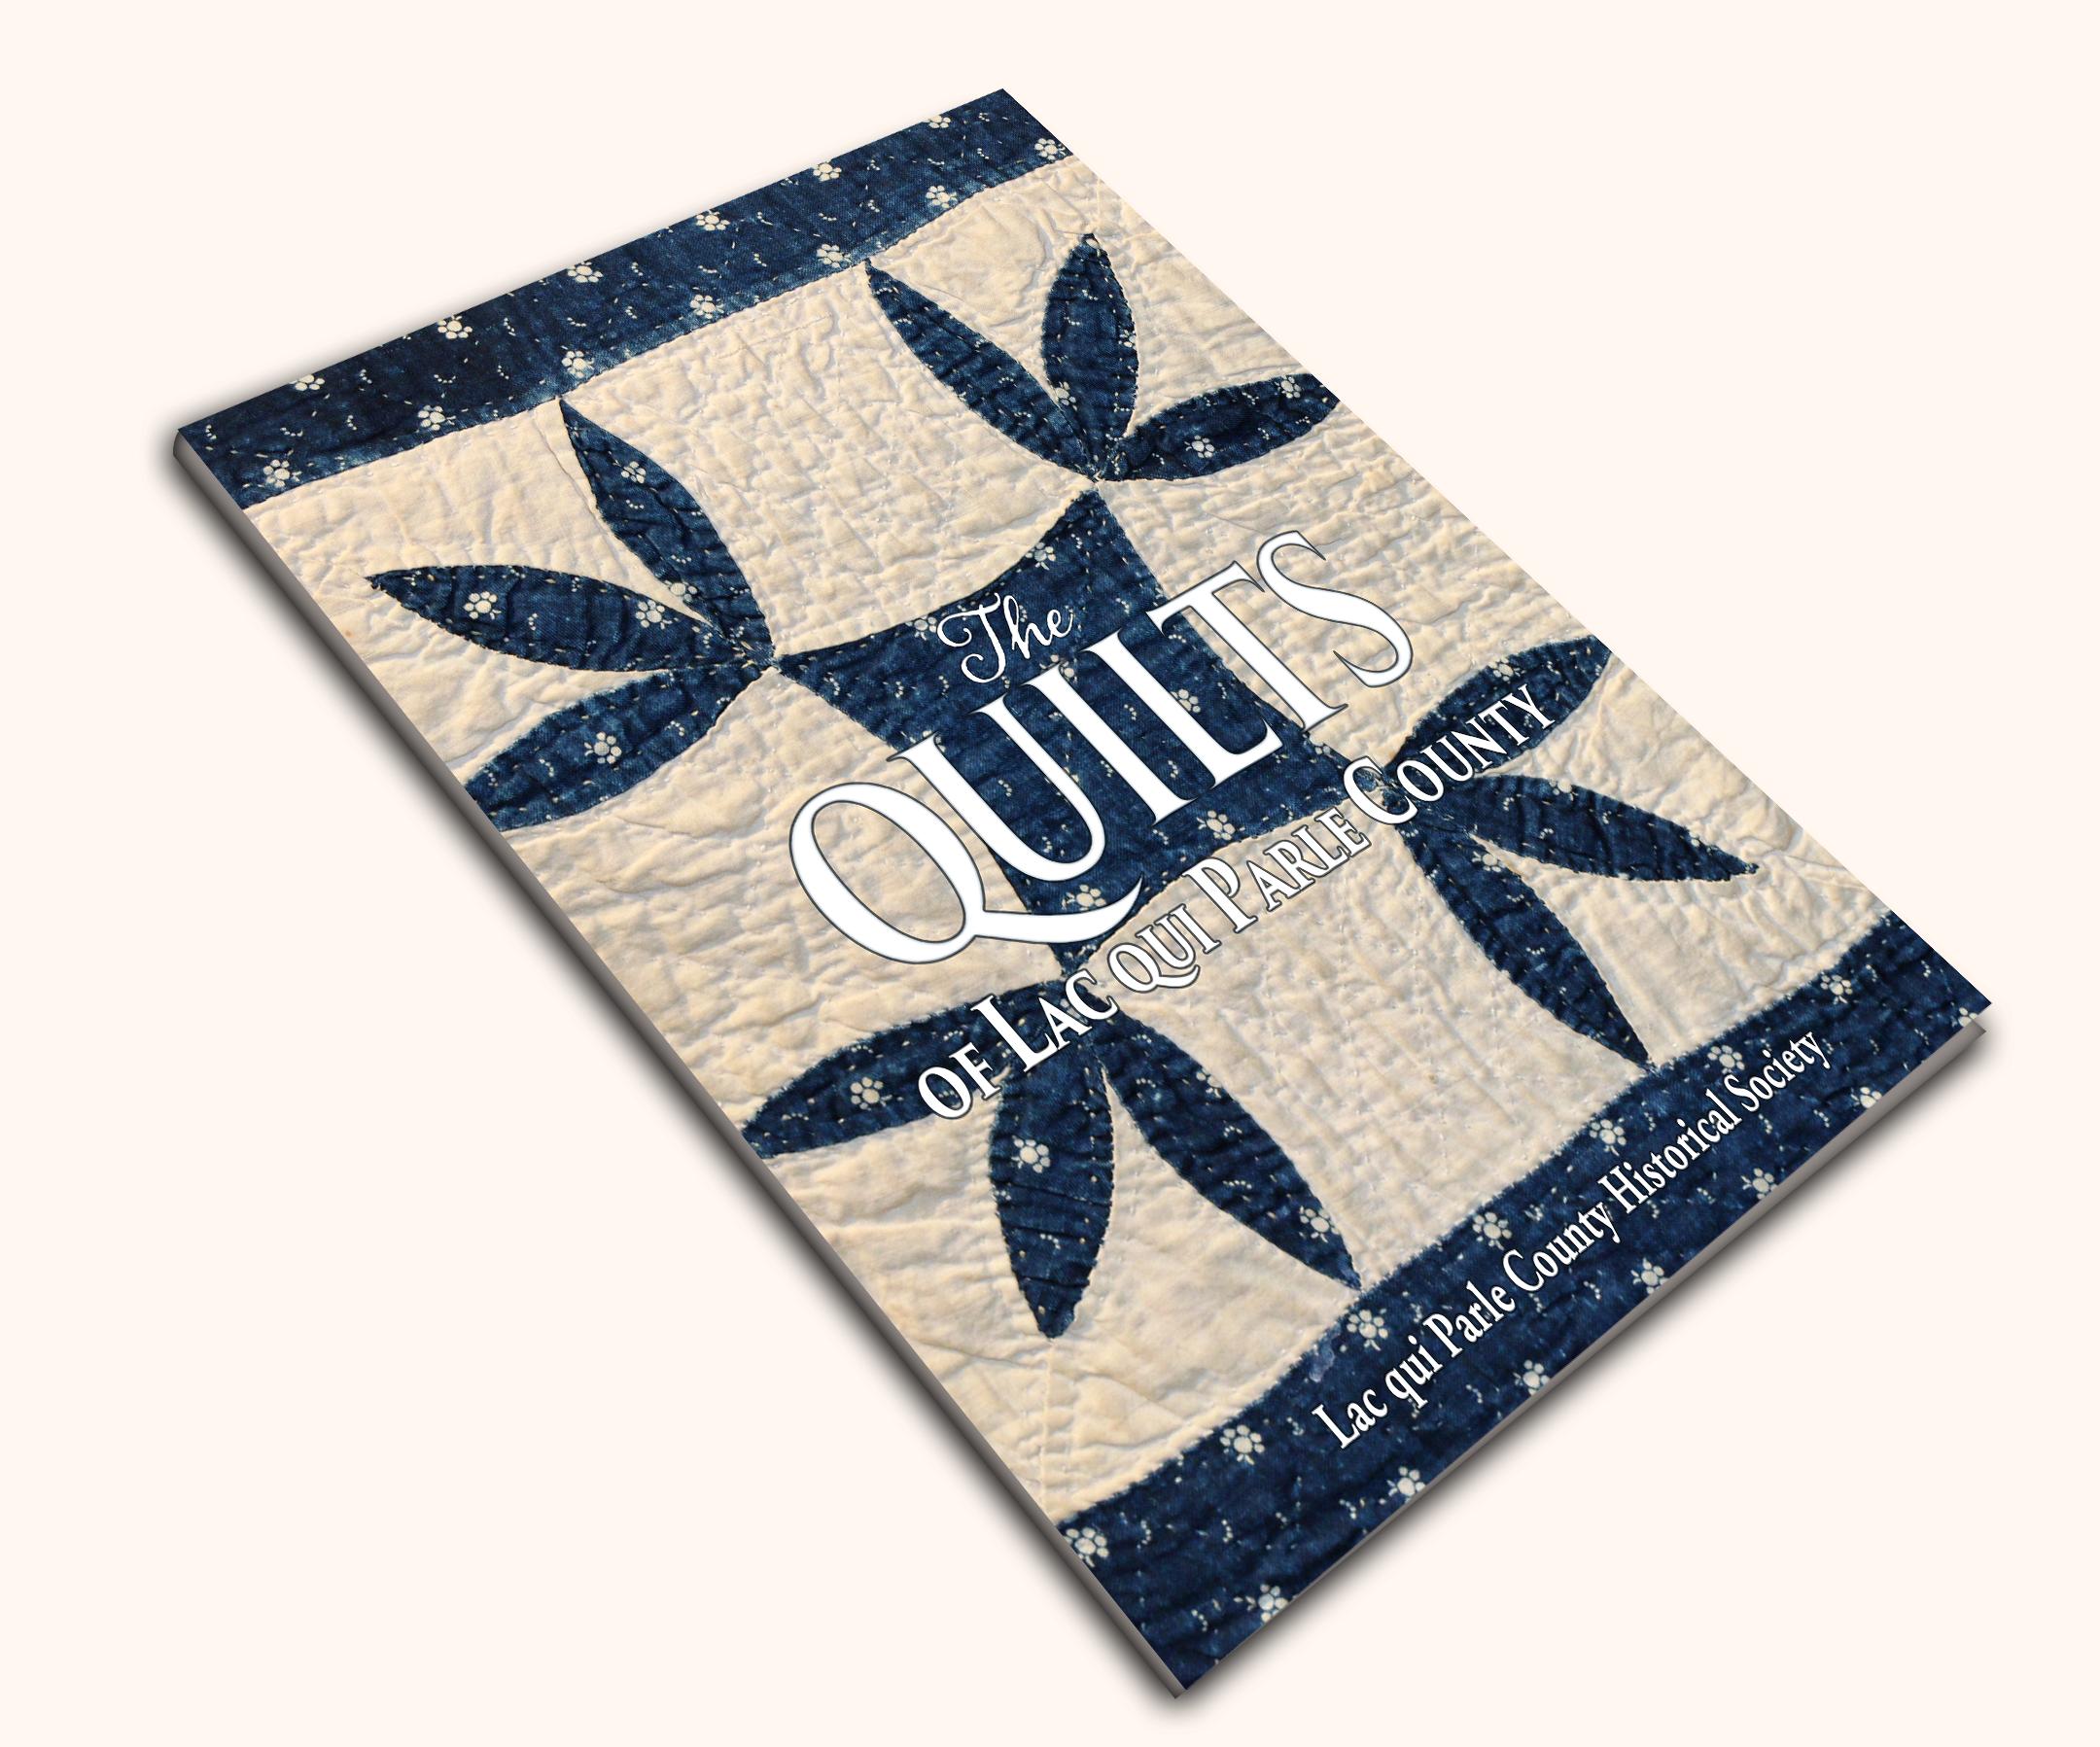 QLQPC cover